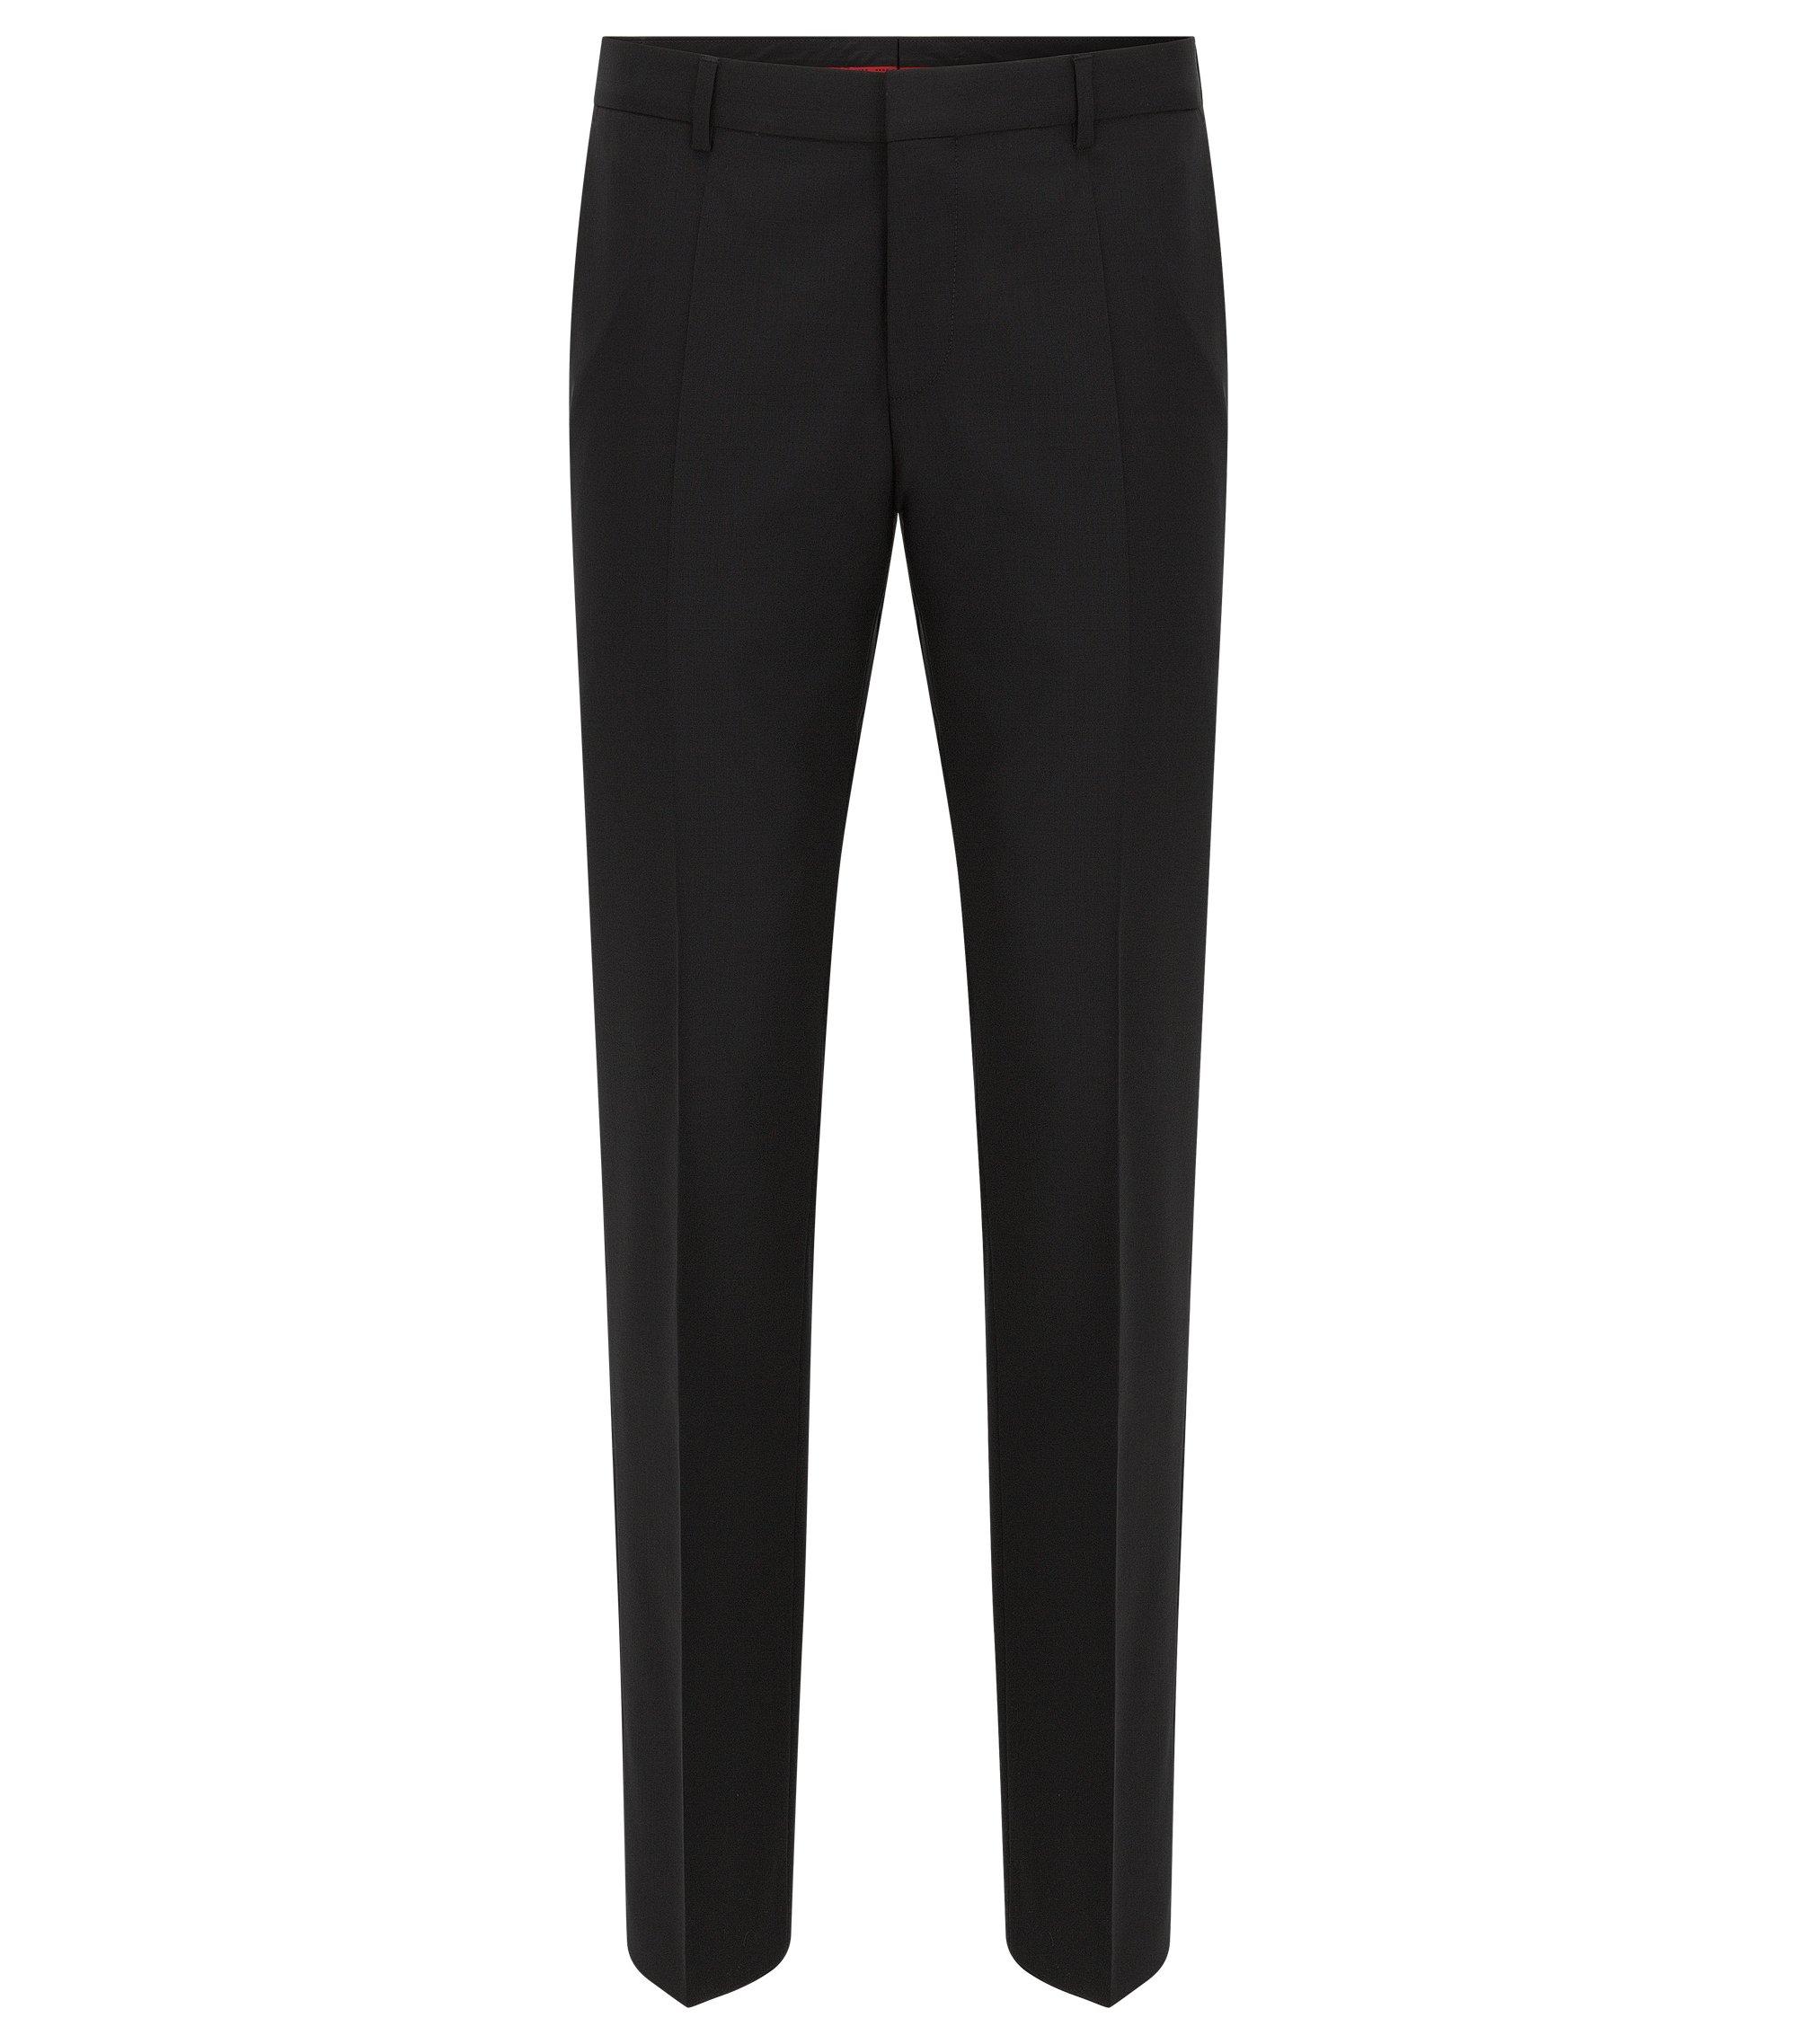 Pantaloni a gamba aderente in lana vergine elasticizzata , Nero